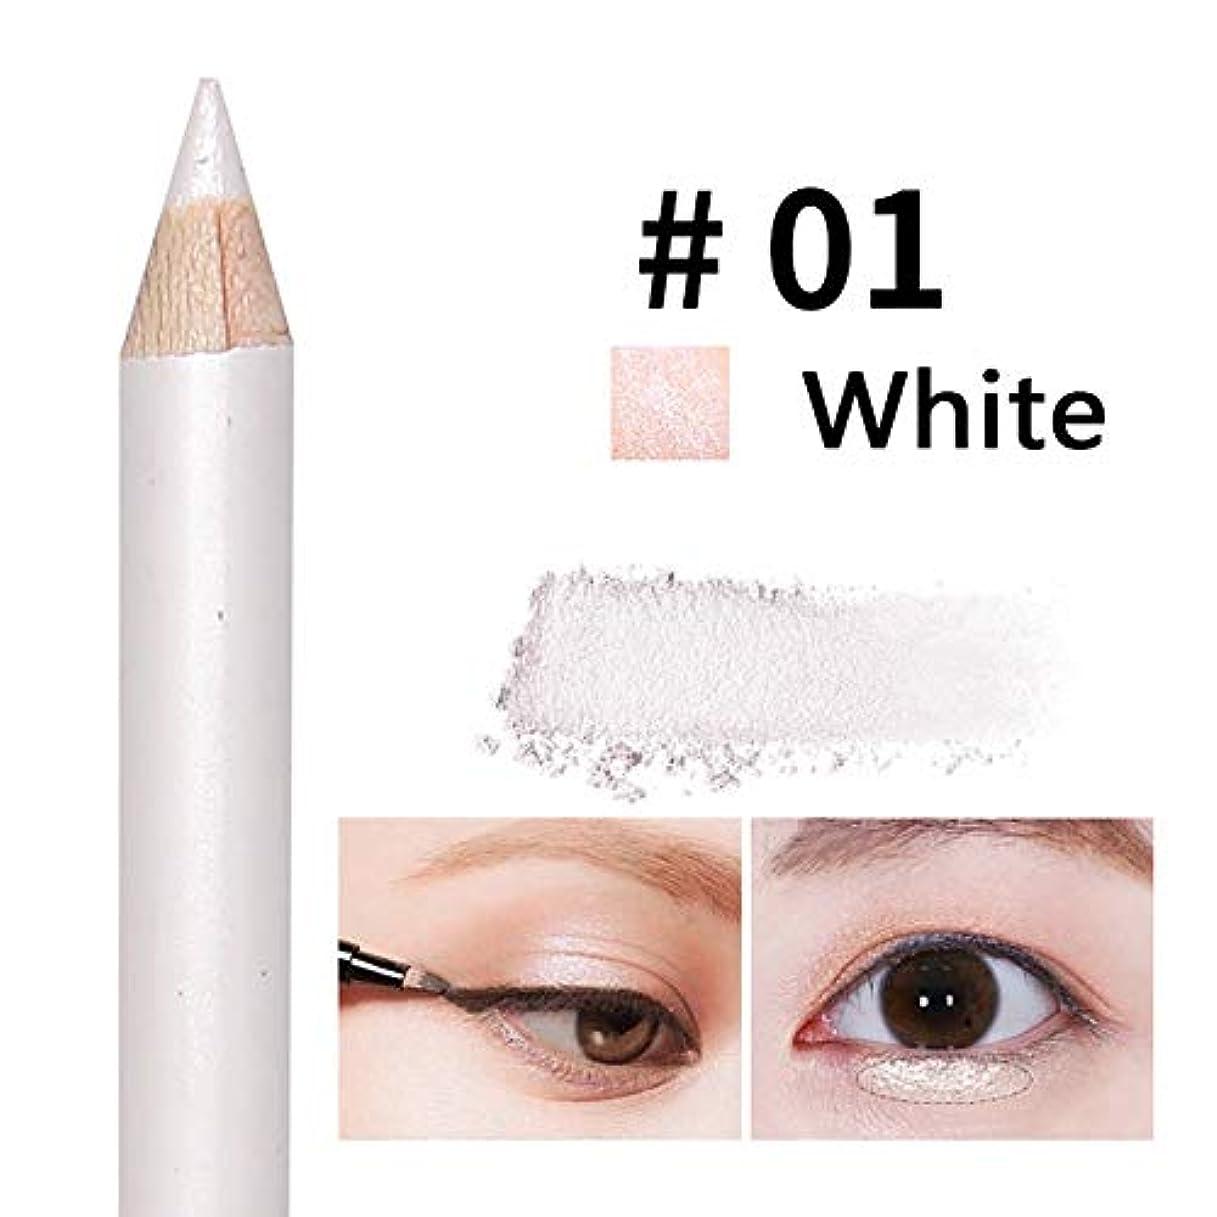 卒業側面慣れるCutelove アイシャドウ ペンシルタイプ パール入り 透明感 チップ付き 発色が良い 涙袋 防水 ホワイト